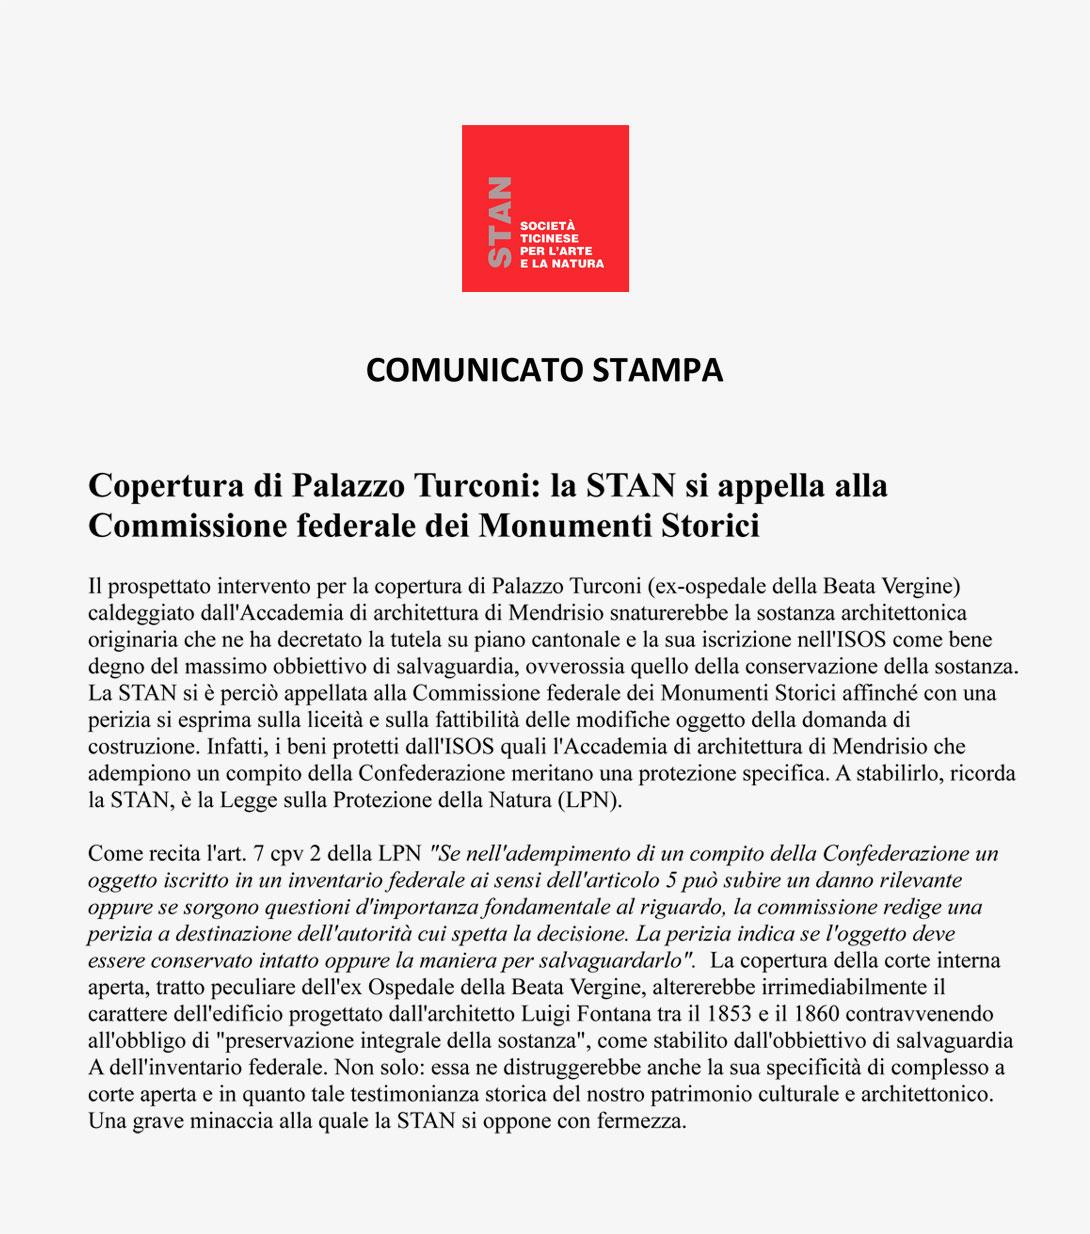 comunicato_stampa_023